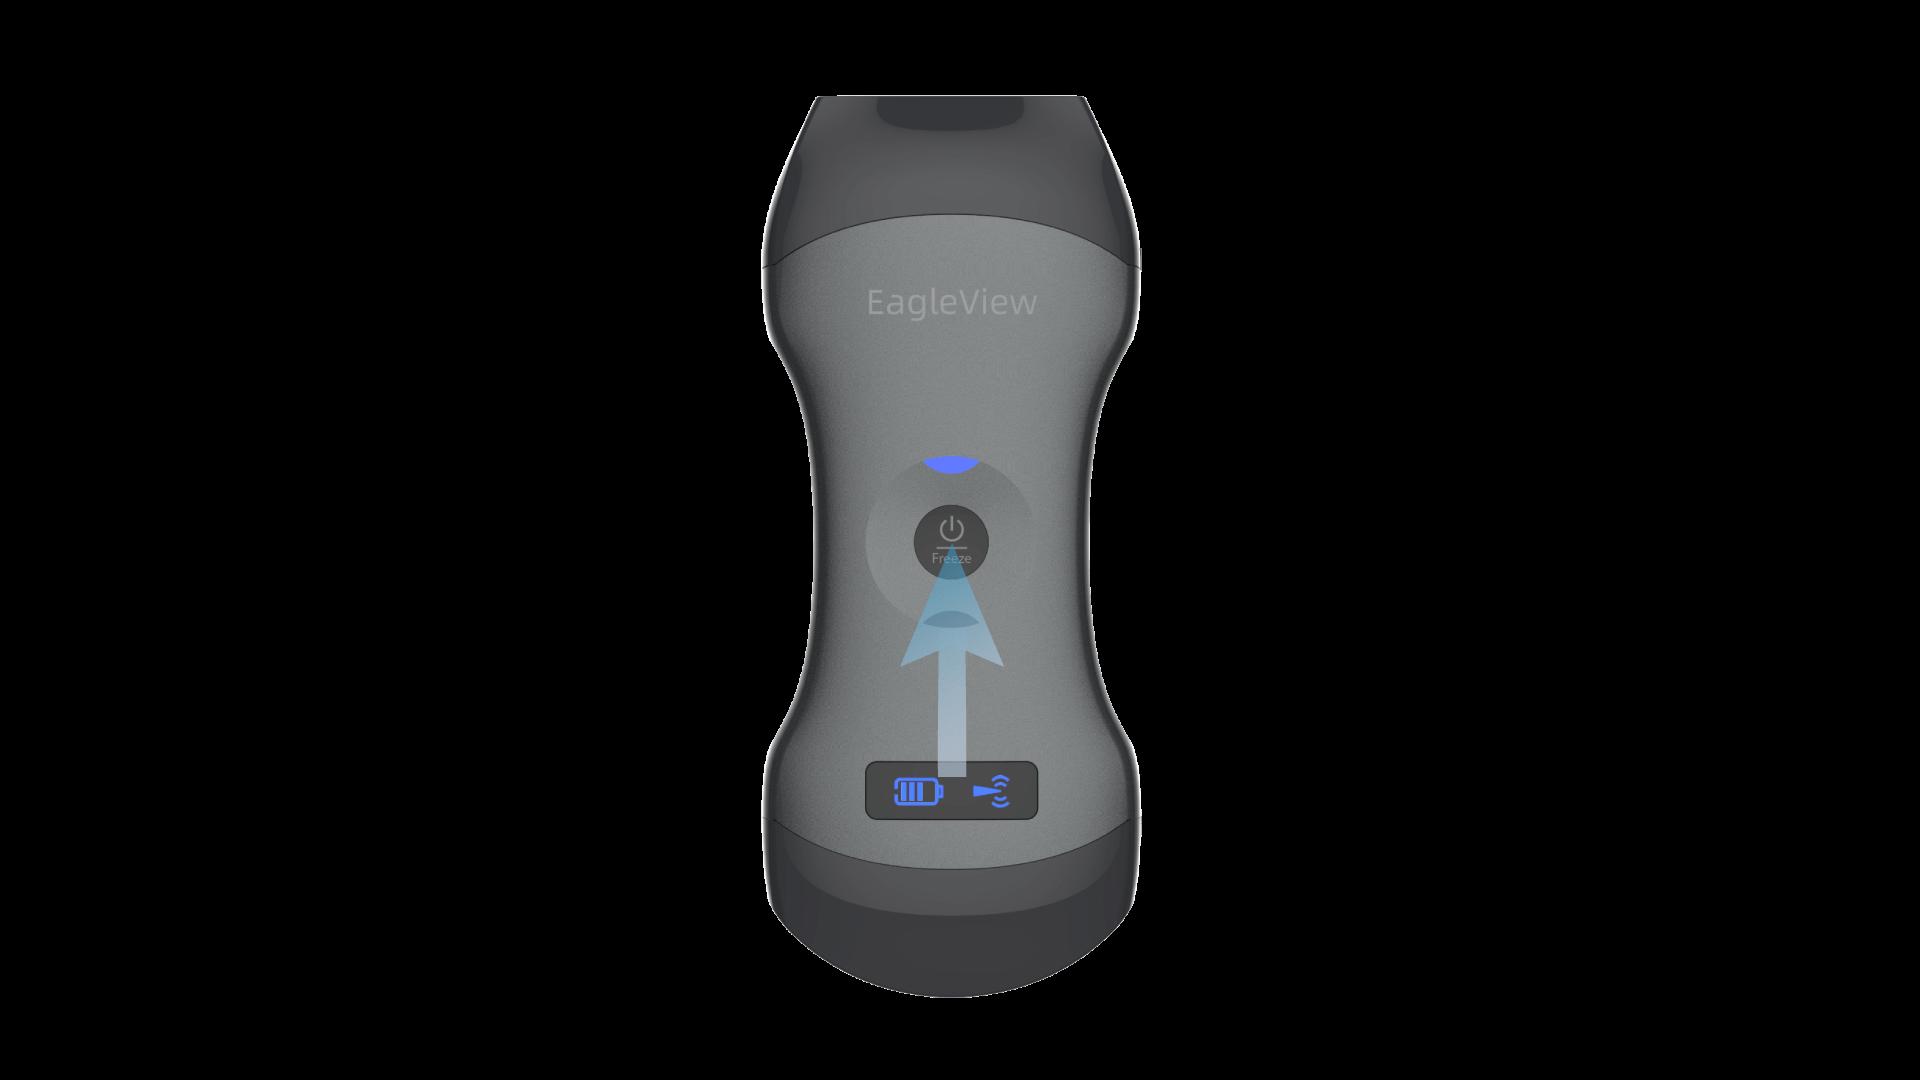 Starten Sie den Eagleview-Ultraschall, indem Sie den Netzschalter in der Mitte drücken.